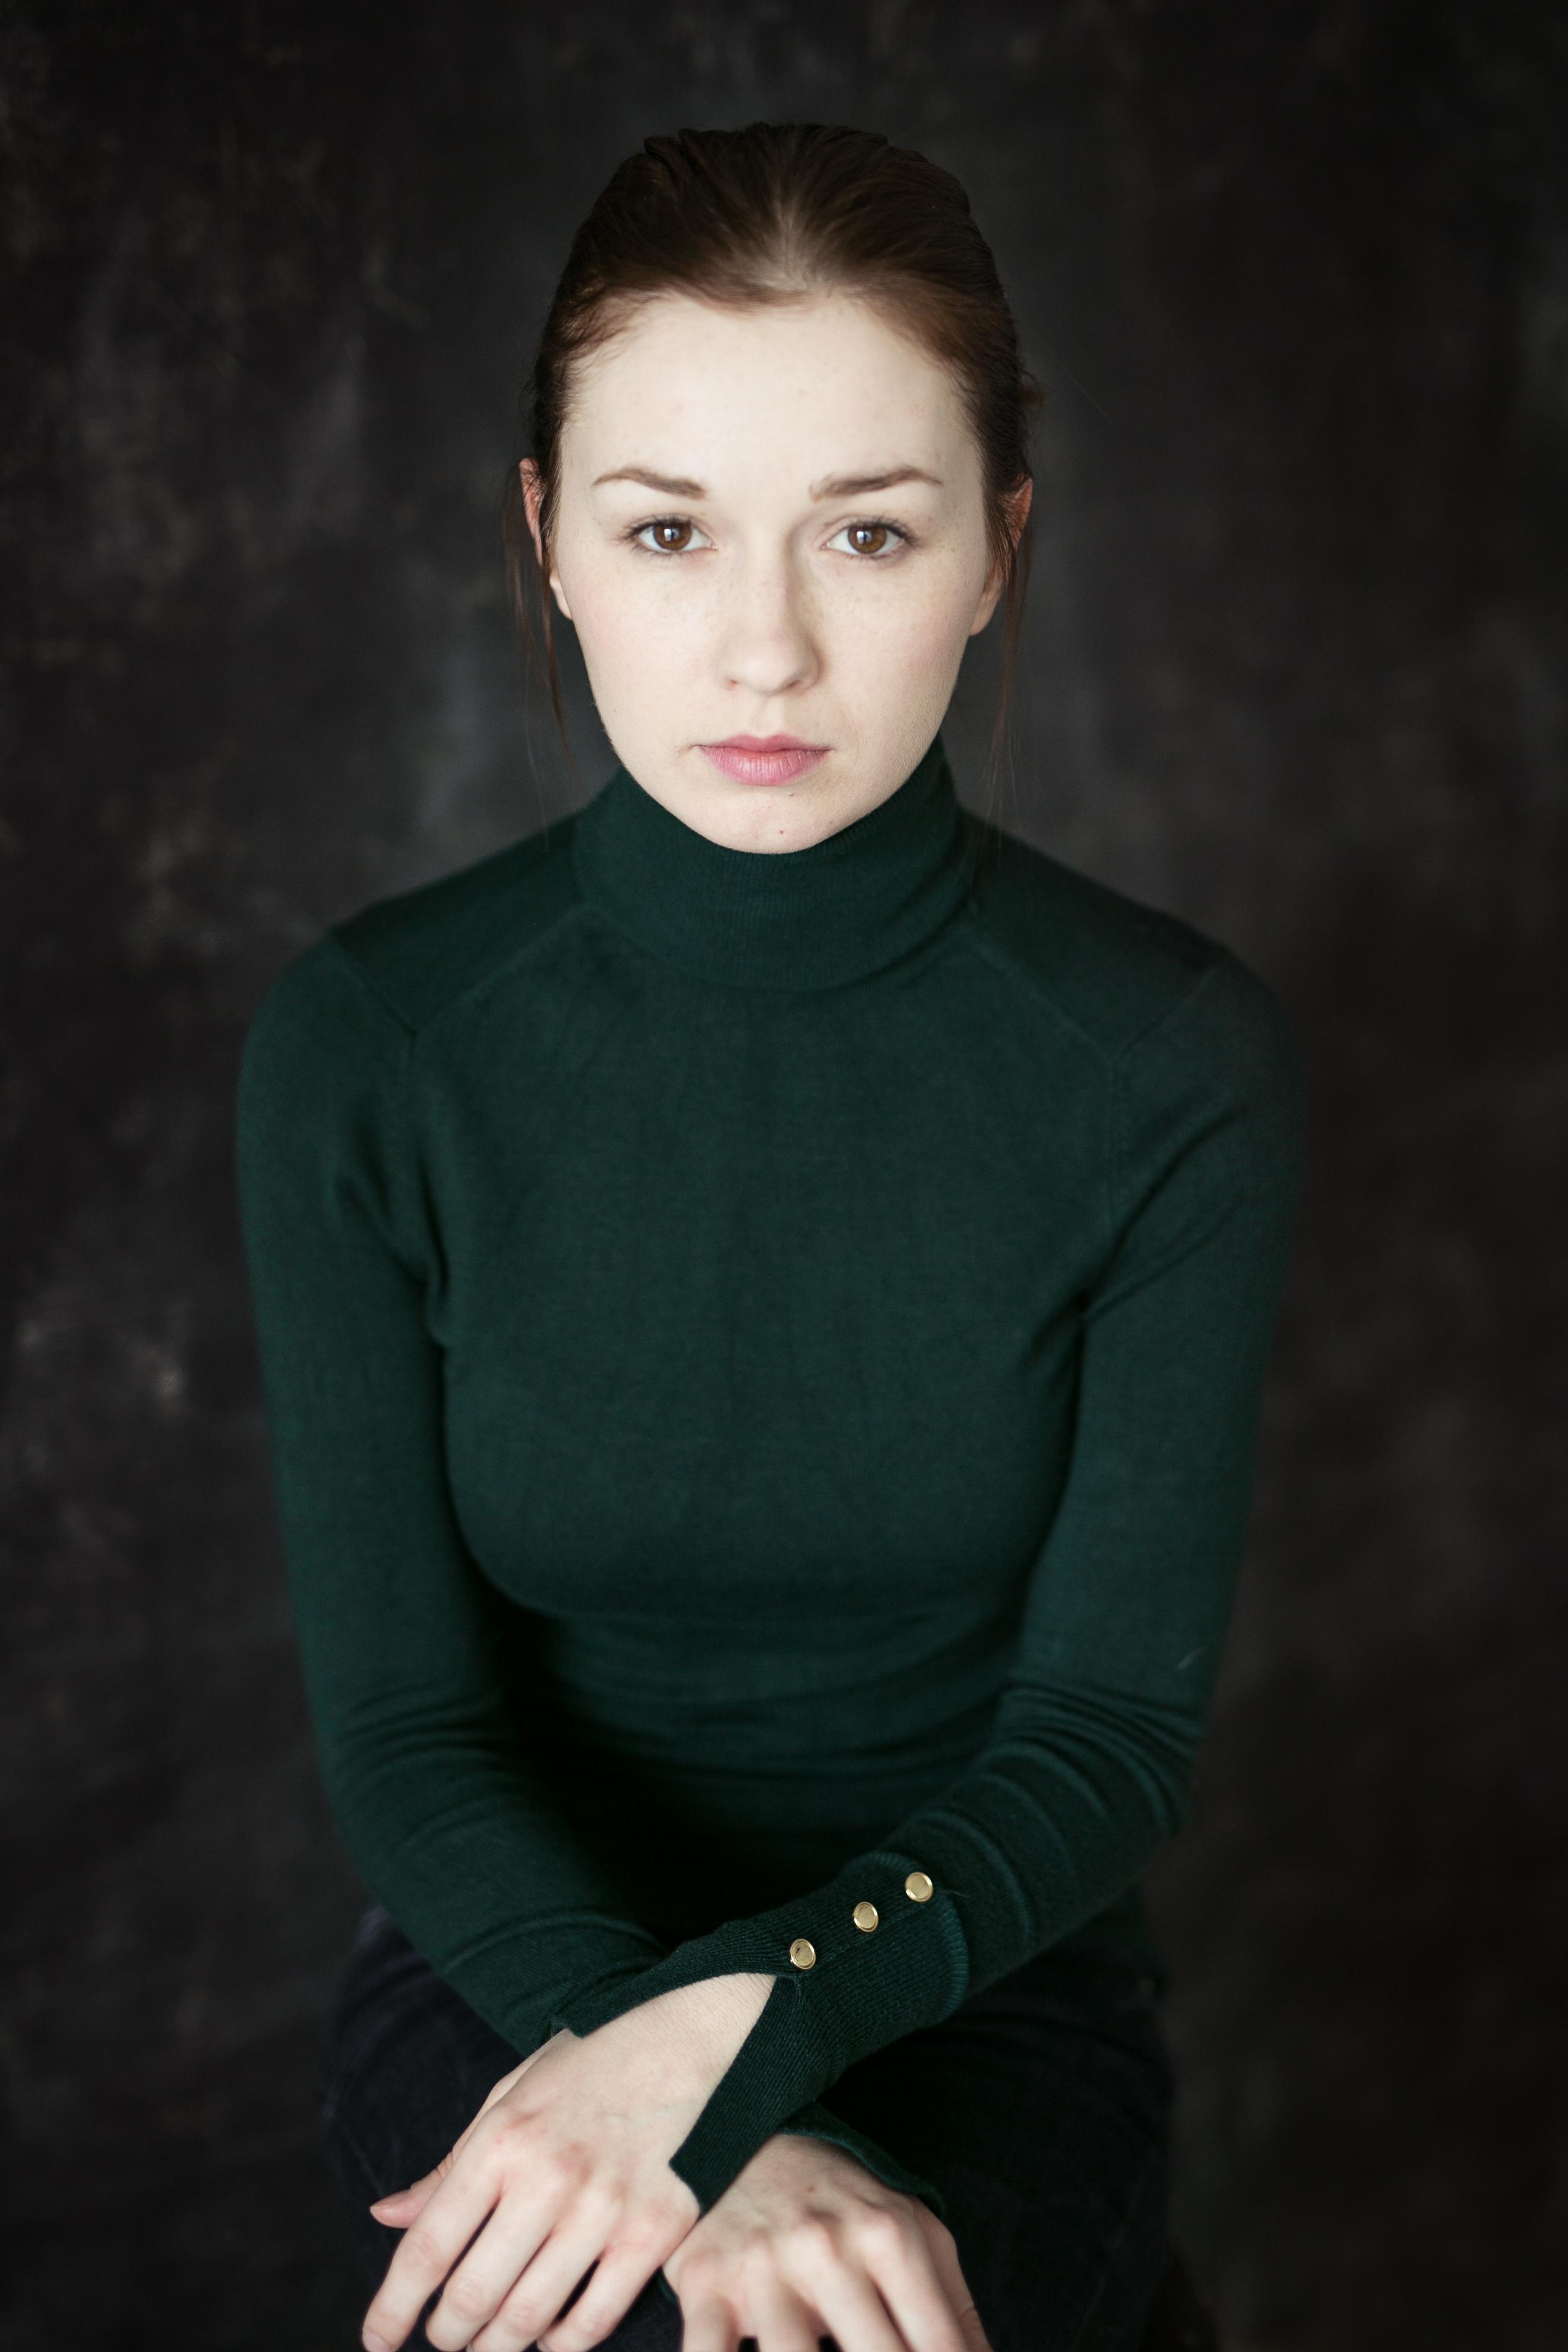 fot. Marek Zimakiewicz